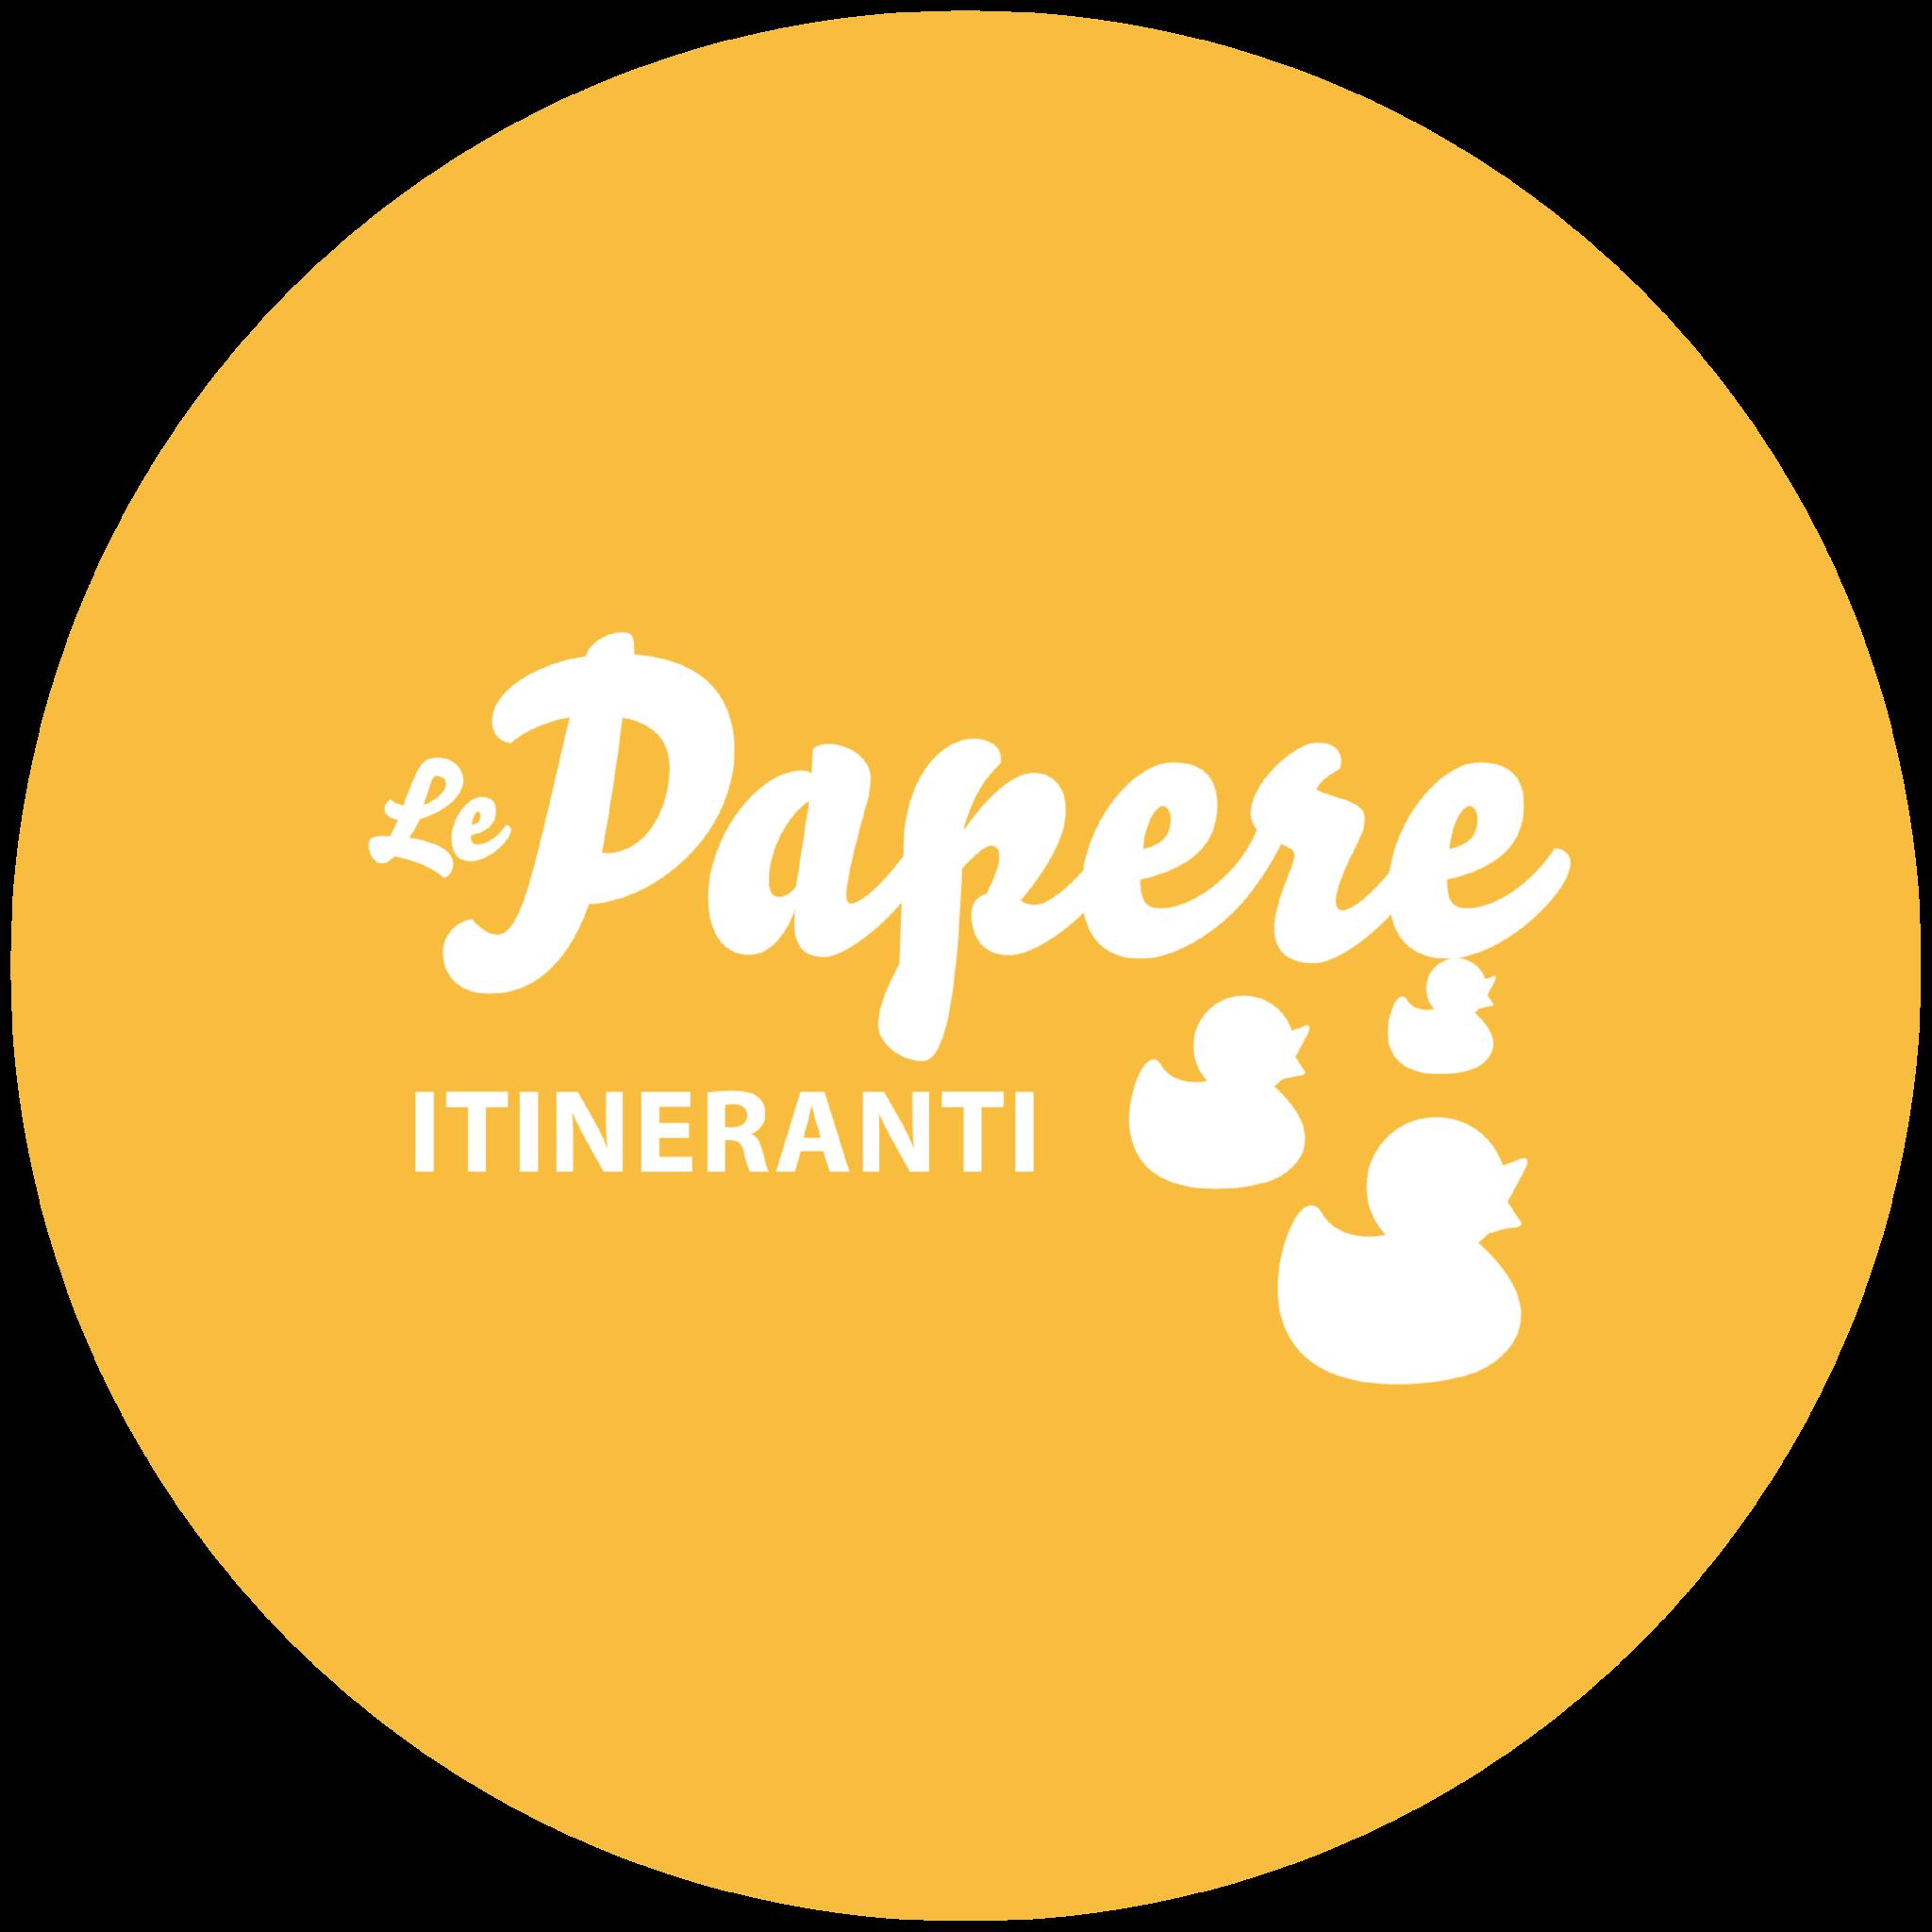 Le Papere Itineranti